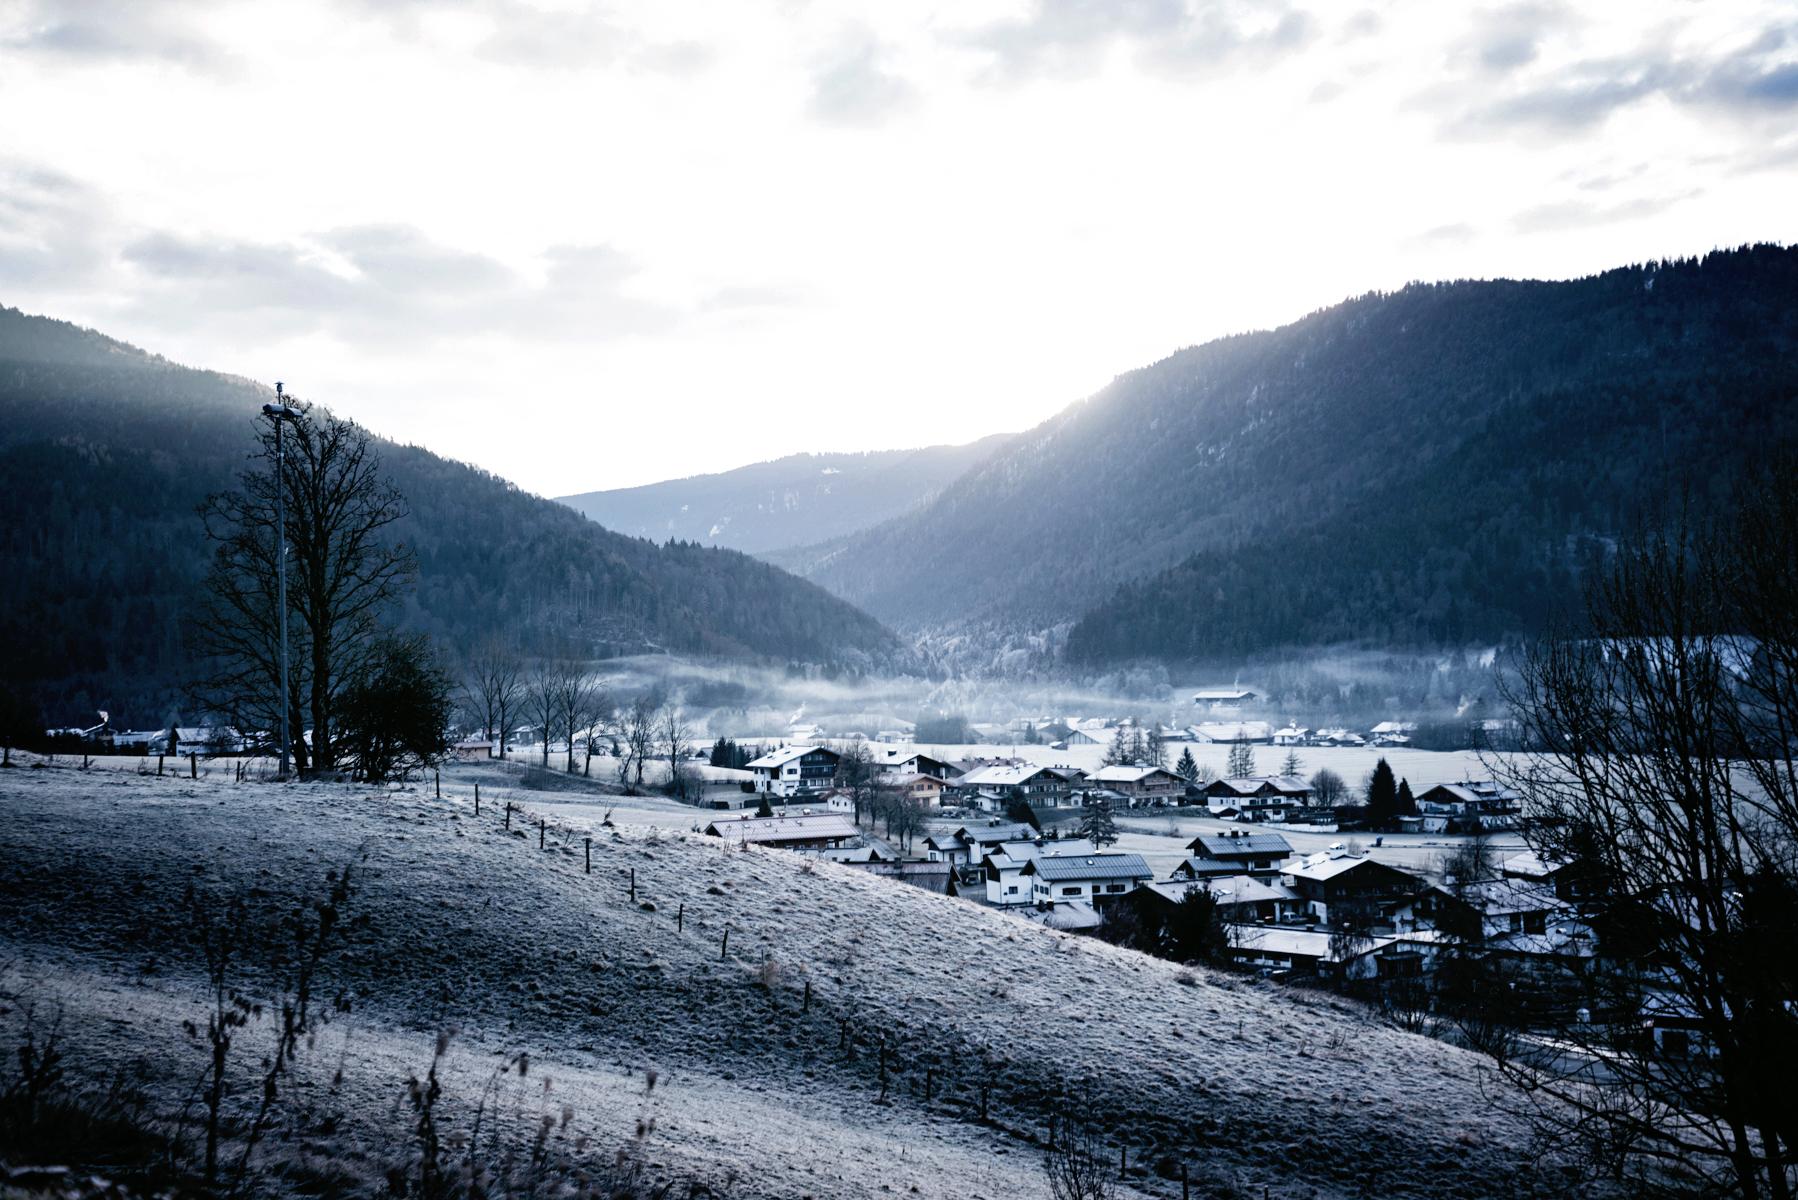 Garmisch Partenkirchen, Koenigsee - Photographed by Fanning Tseng-21.jpg